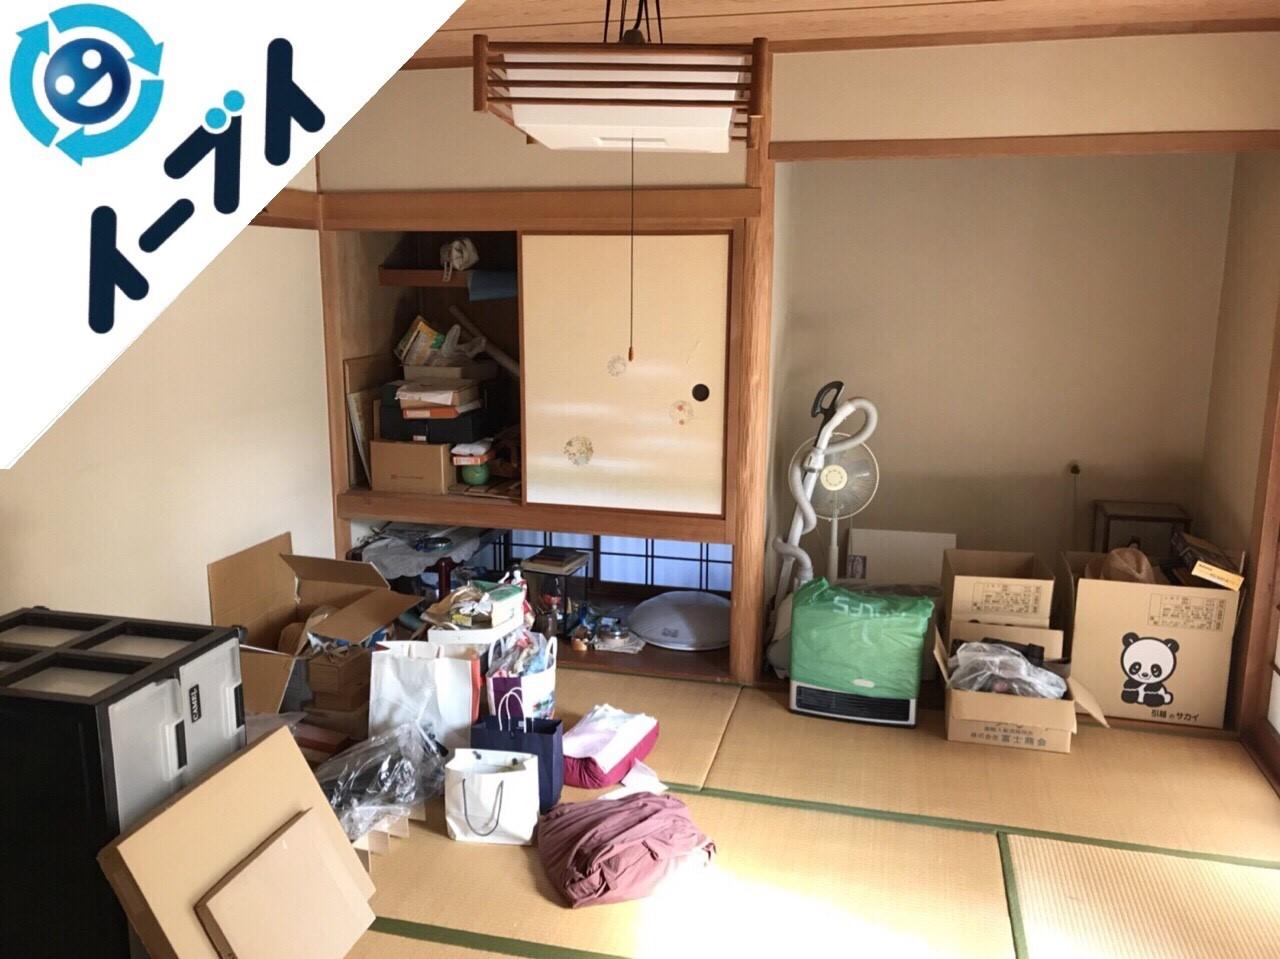 2017年12月20日大阪府枚方市で遺品処分に伴い遺品整理や片付け処分をしました。写真5